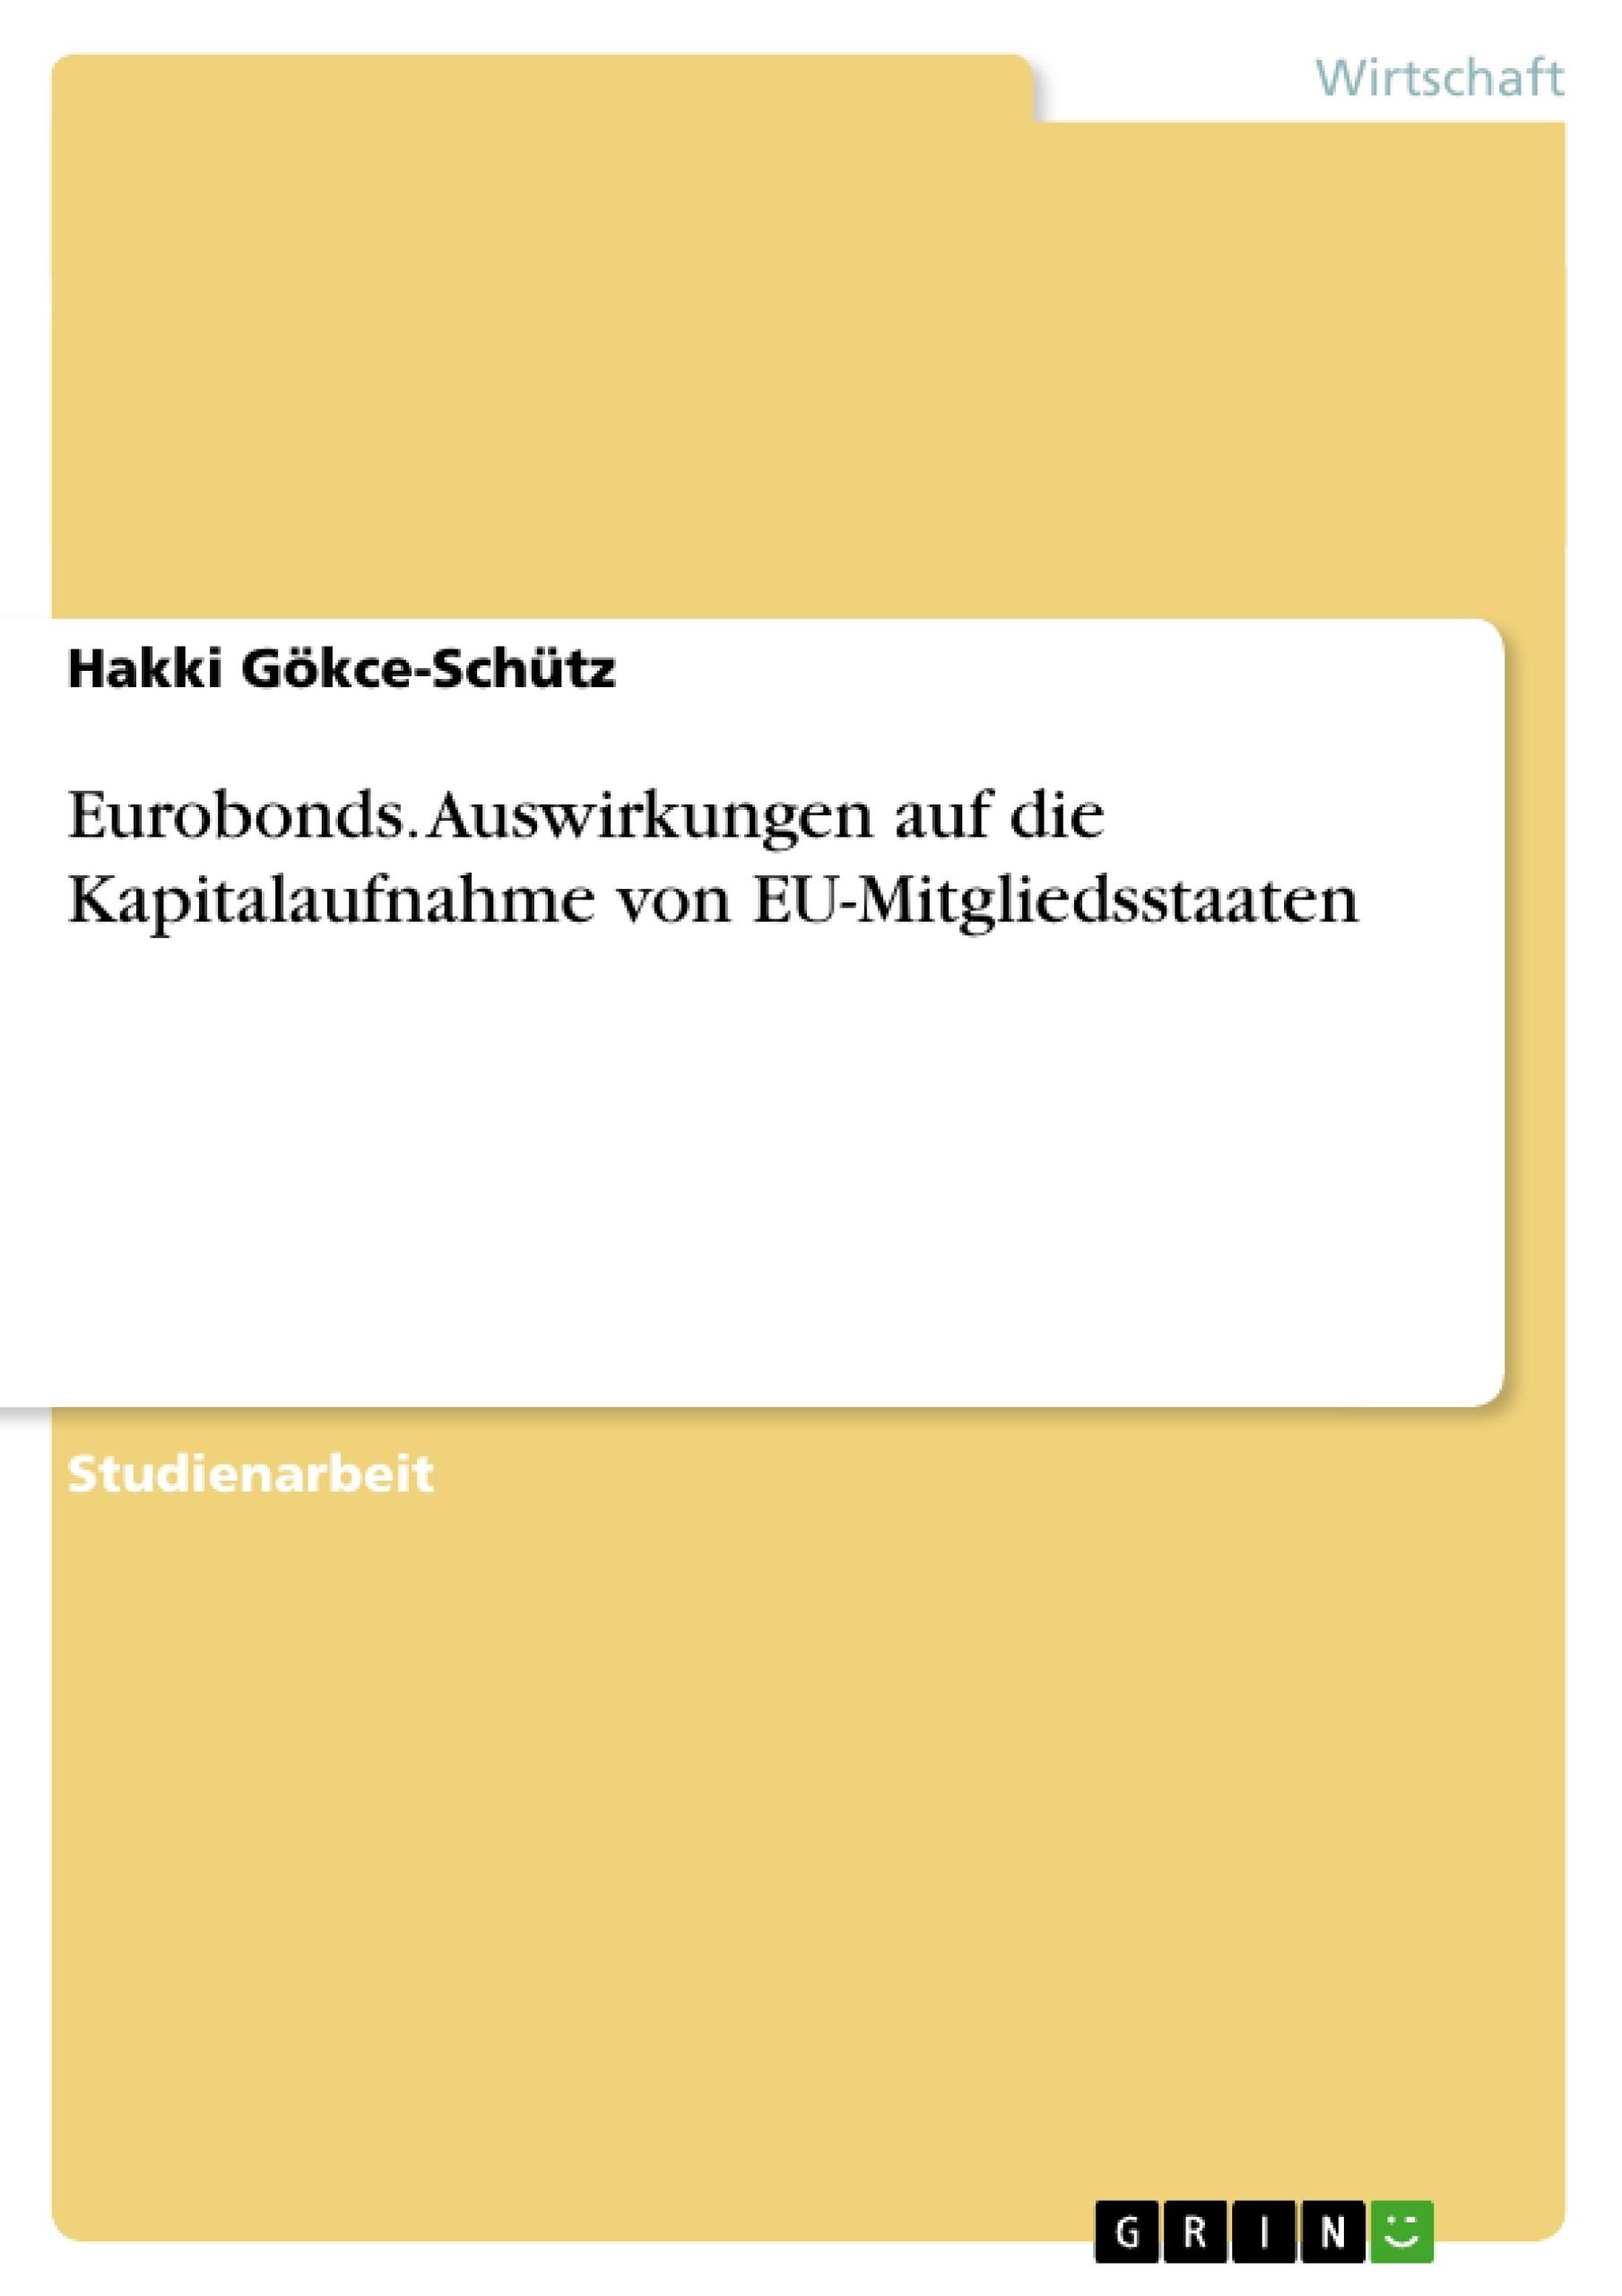 Titel: Eurobonds. Auswirkungen auf die Kapitalaufnahme von EU-Mitgliedsstaaten